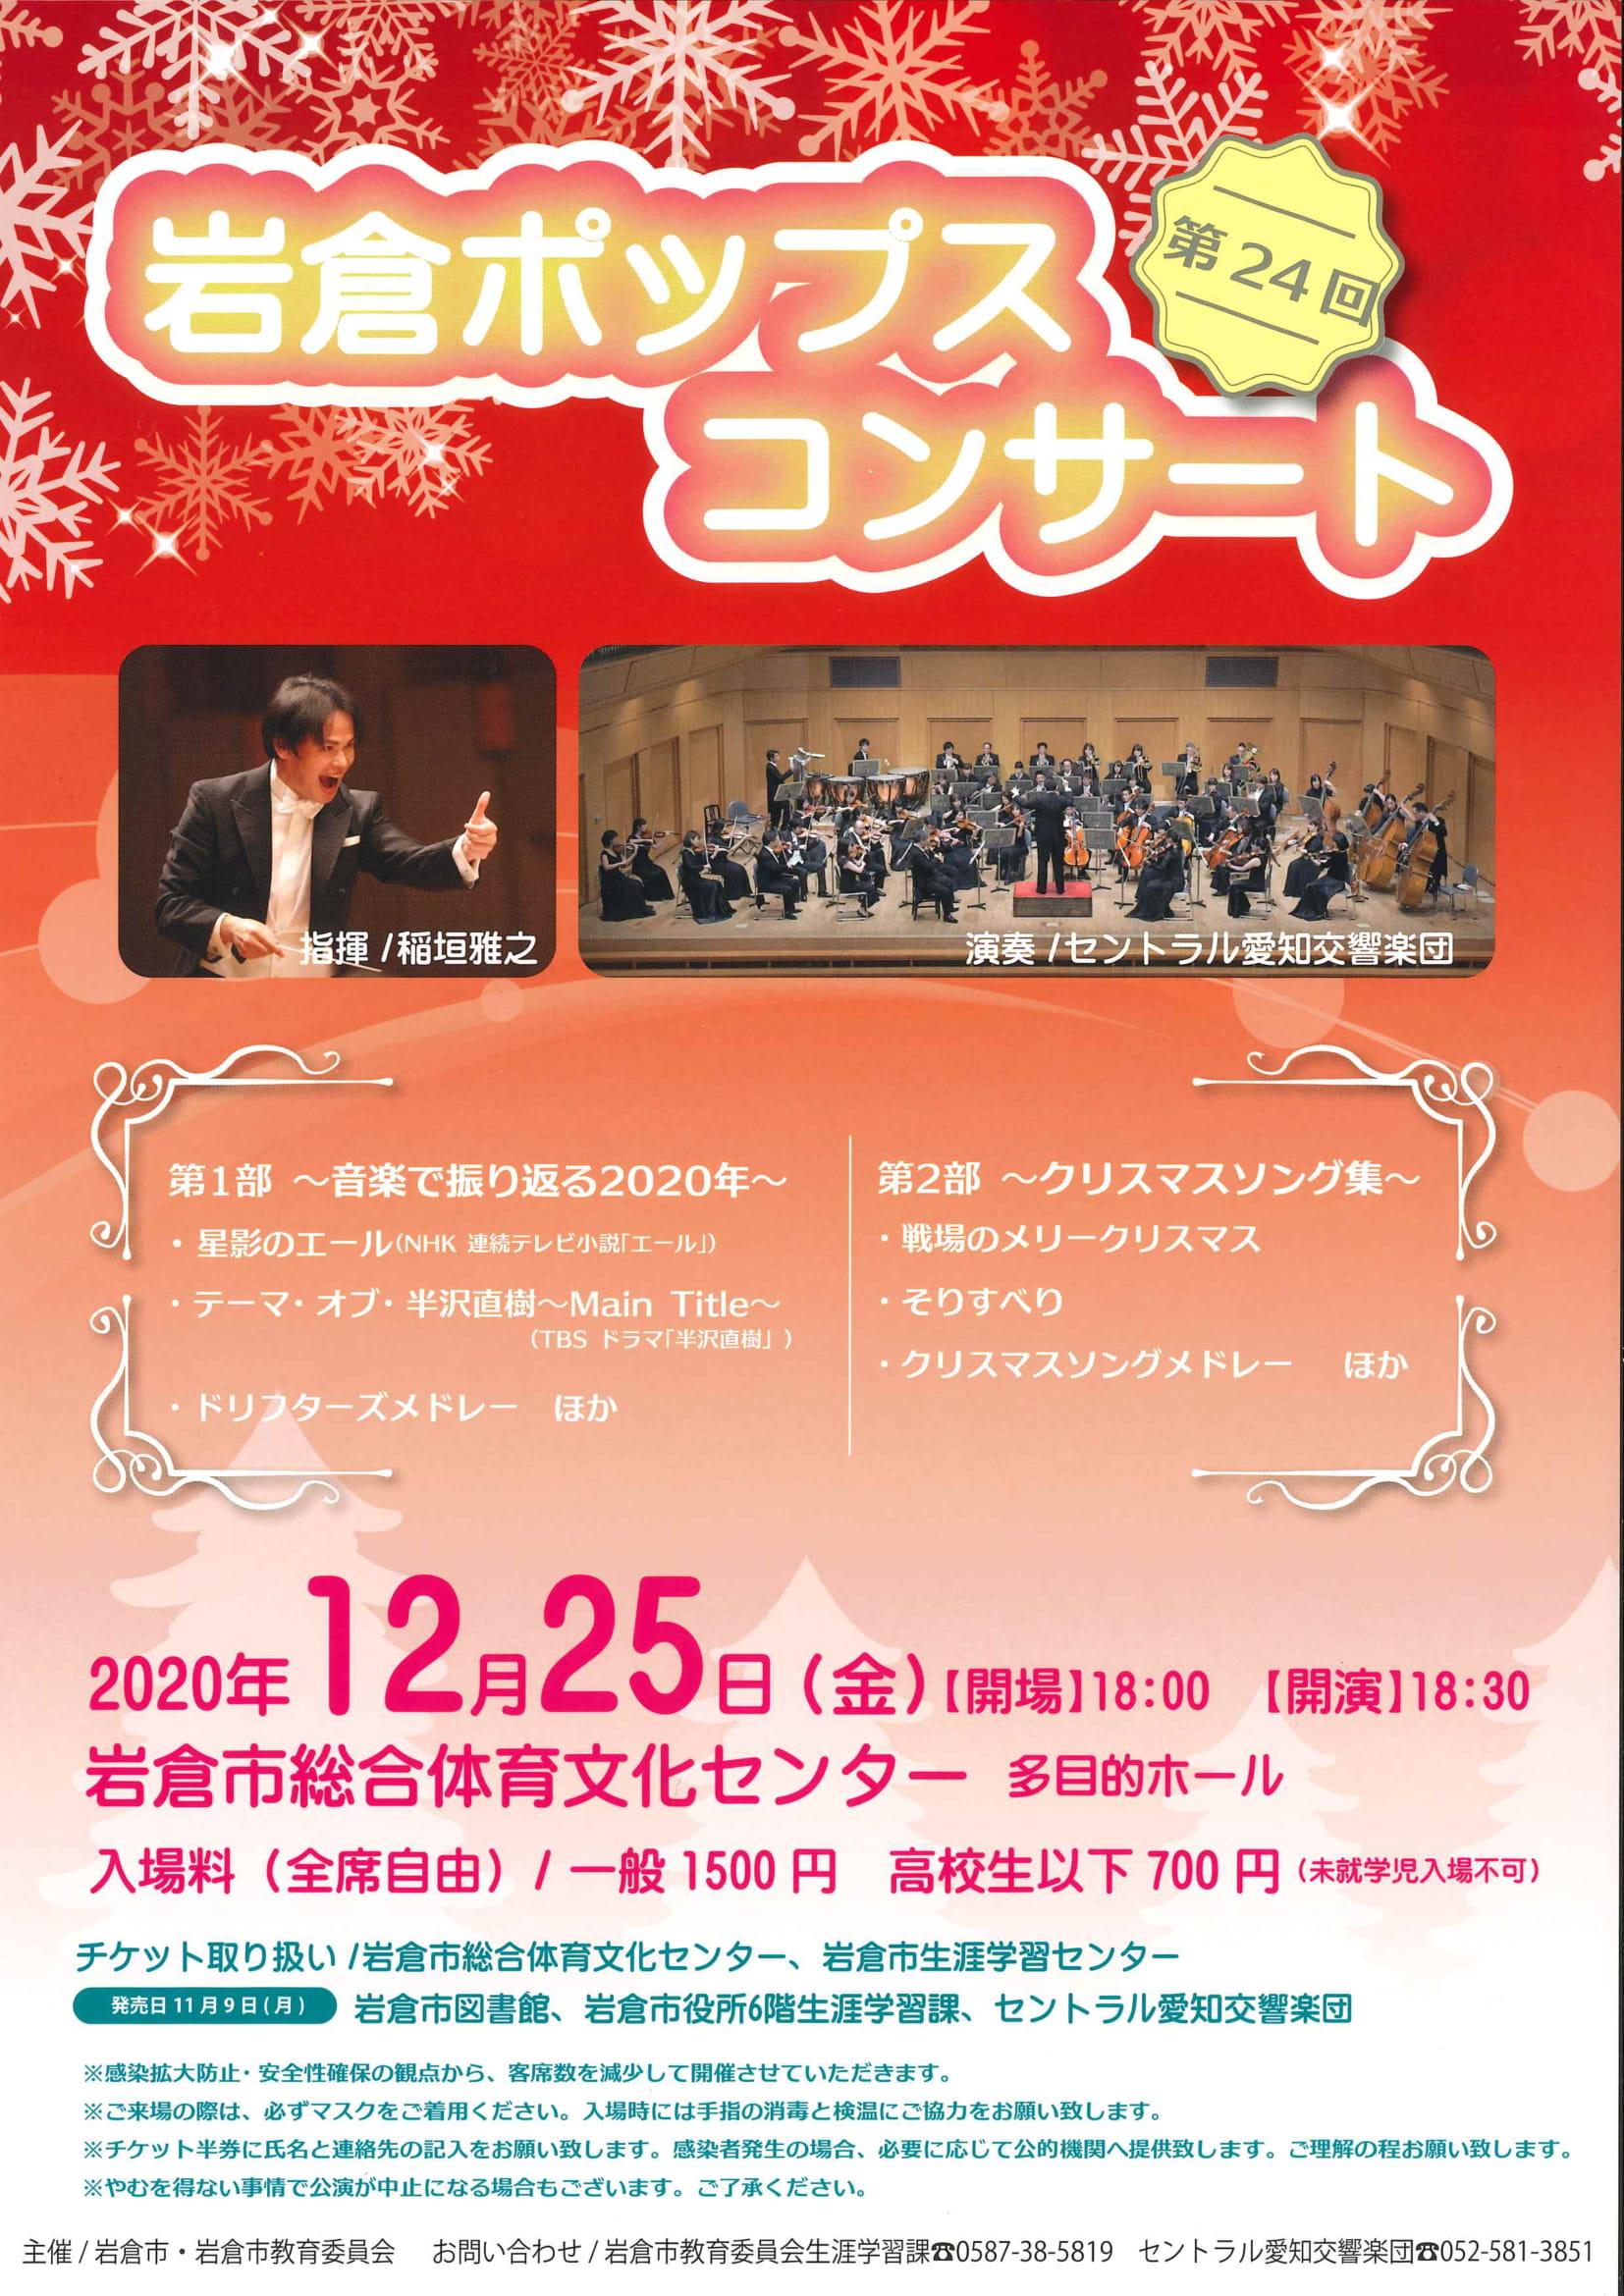 第24回岩倉ポップスコンサート